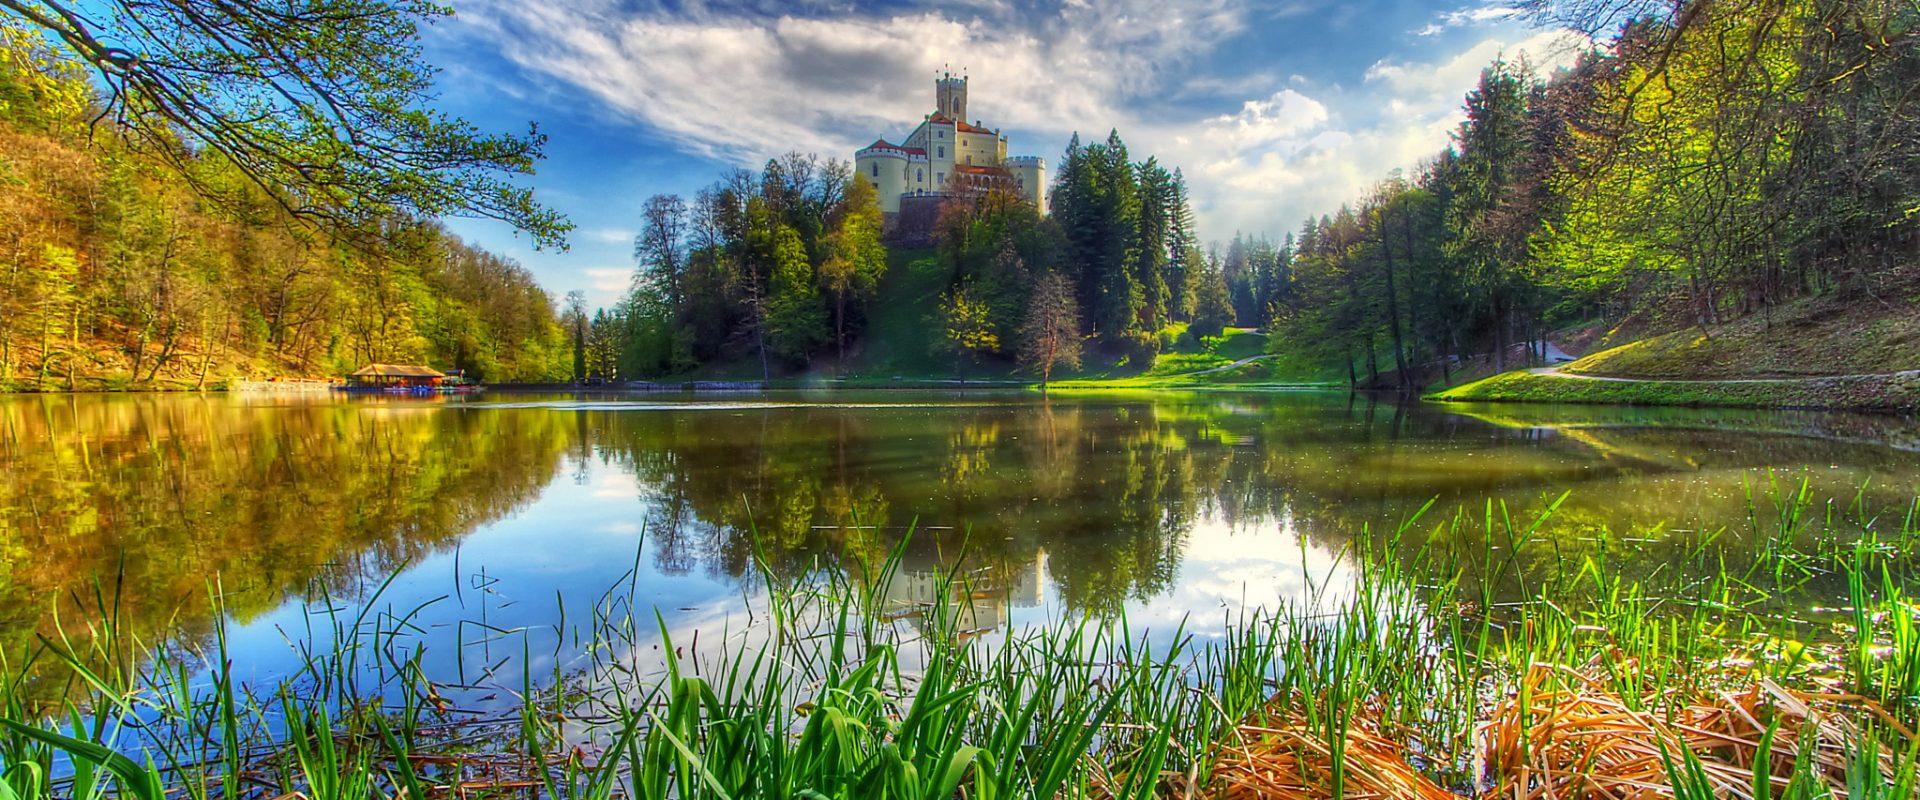 Grad Trakoščan